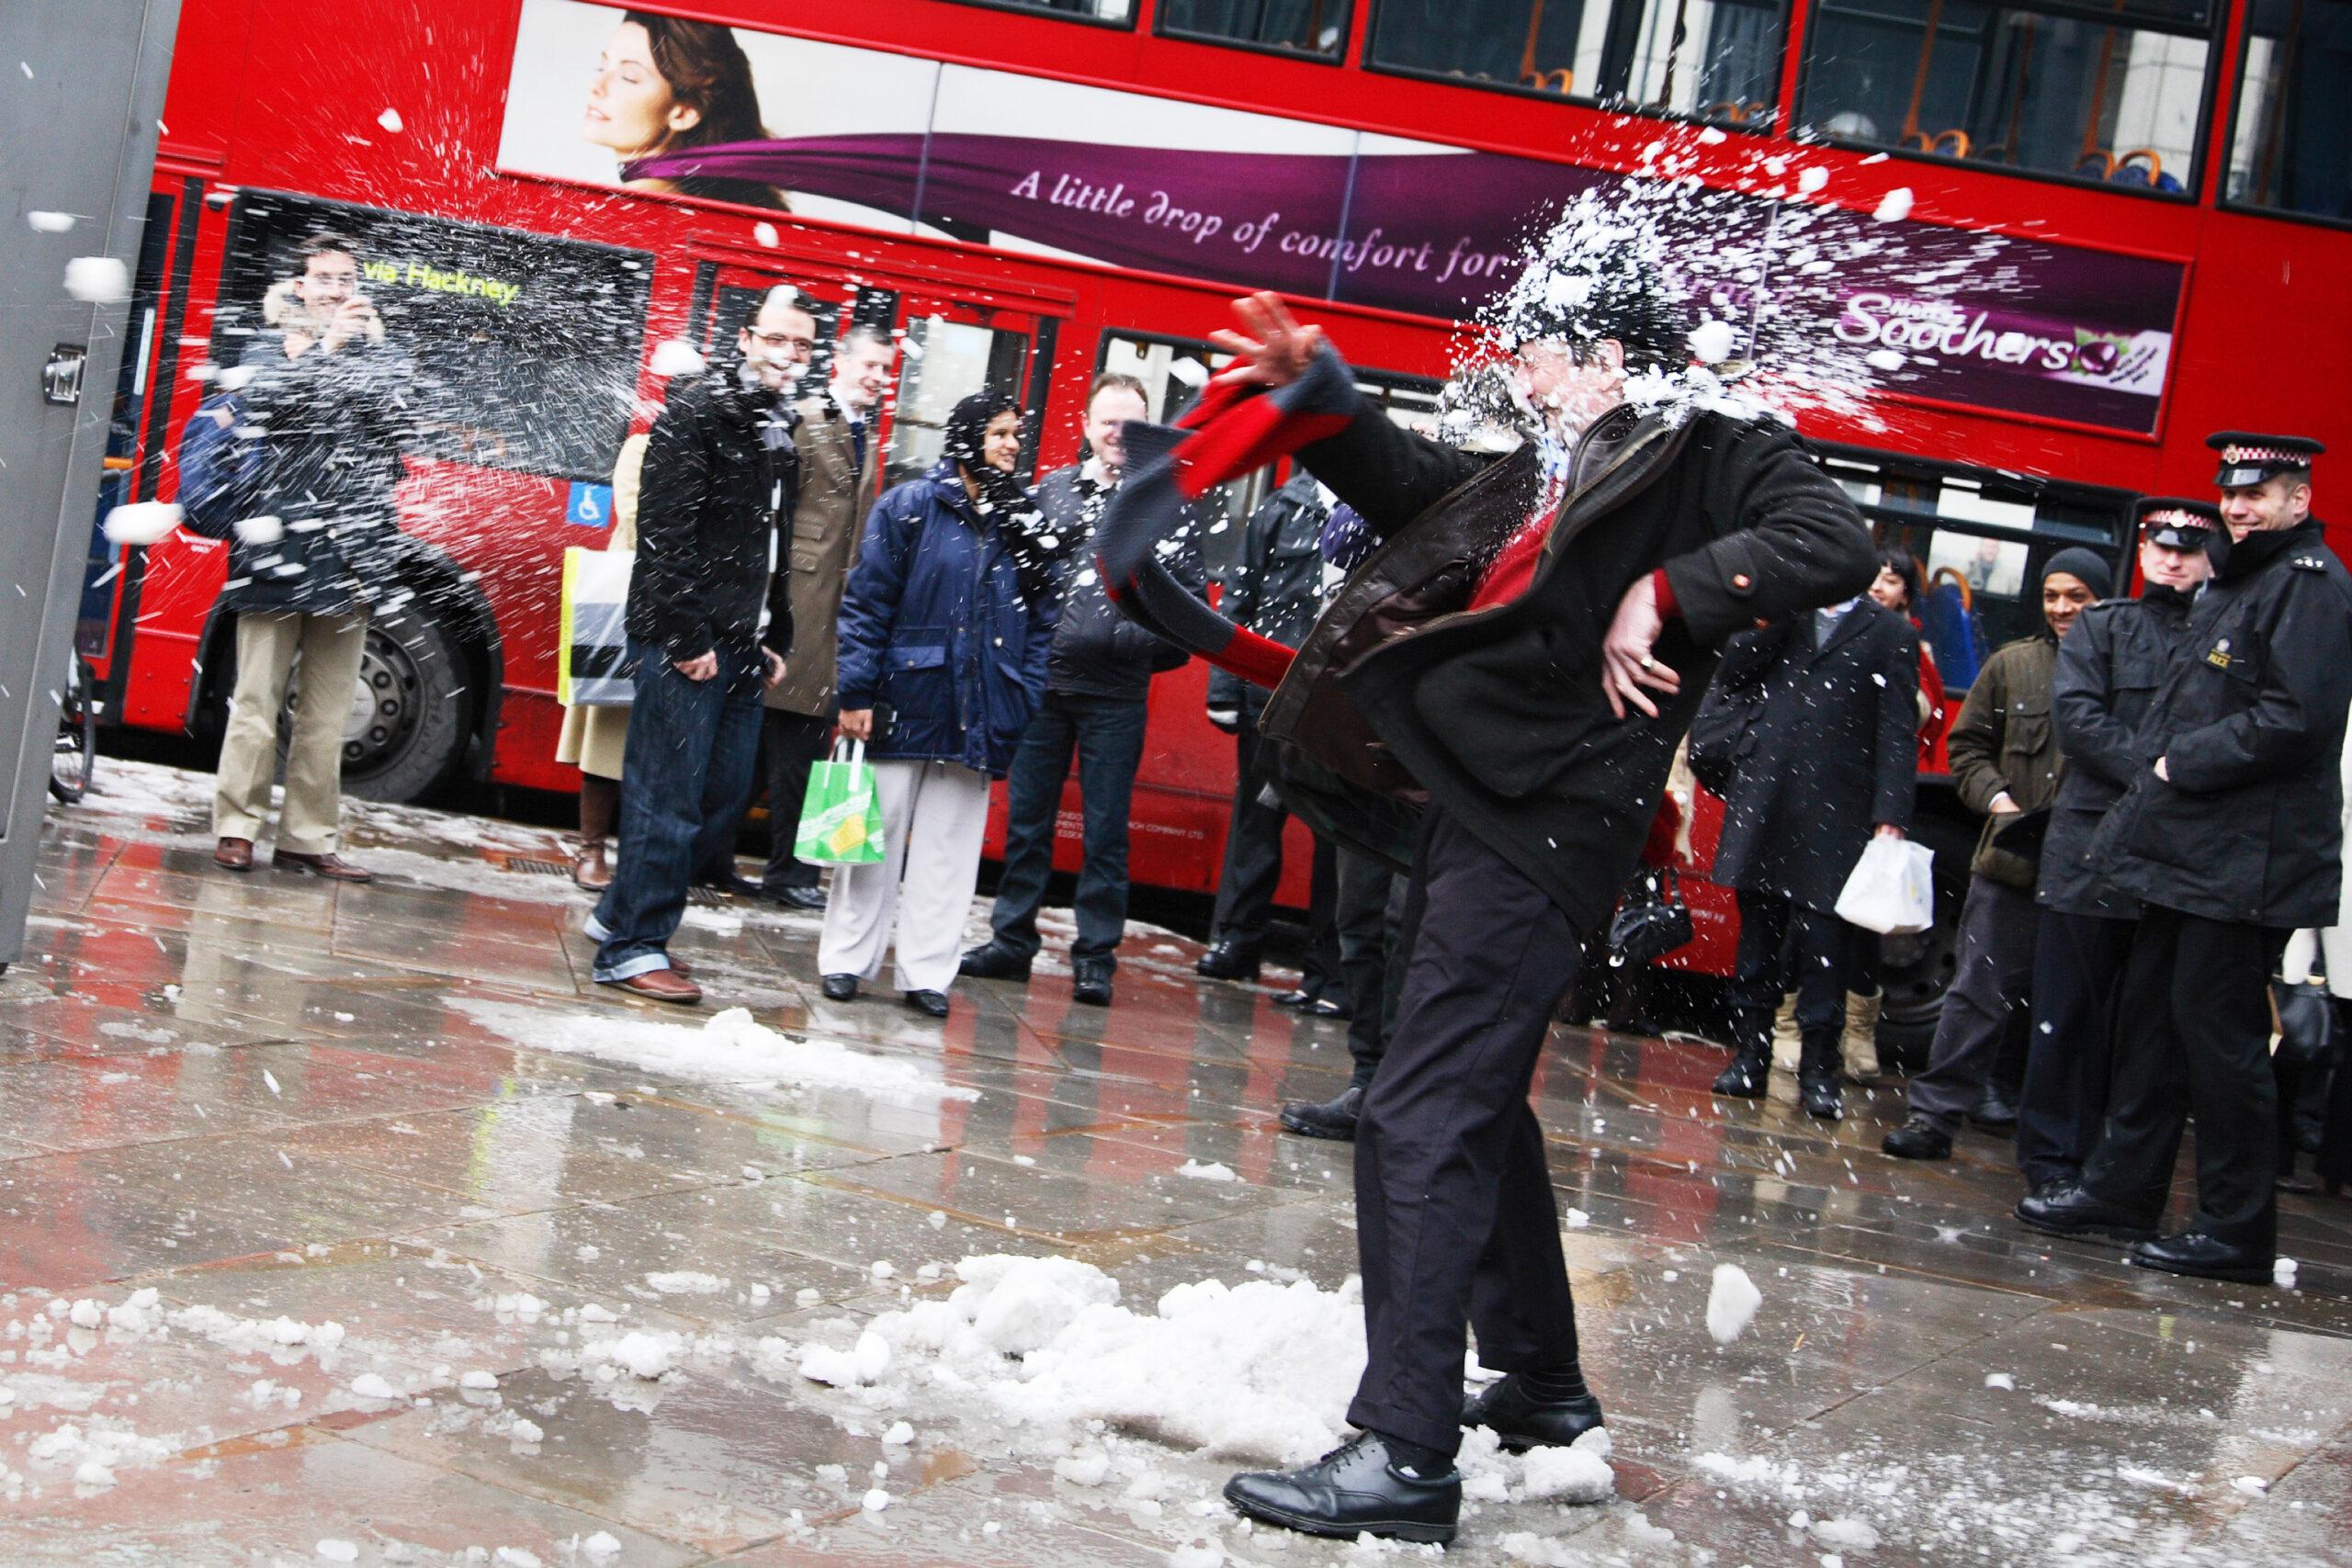 The People vs. Banksters -tempaus. Helmikuussa 2009 Lontoossa nähtiin epätavallisen runsaat lumisateet. Tuolloin syntyi spontaani ajatus kerääntyä öljy- ja kaasuteollisuutta rahoittavan Royal Bank of Scotland -pankin edustalle ja haastaa pankkiirit lumisotaan. Muutama pankin työntekijä osallistui lumisotaan.